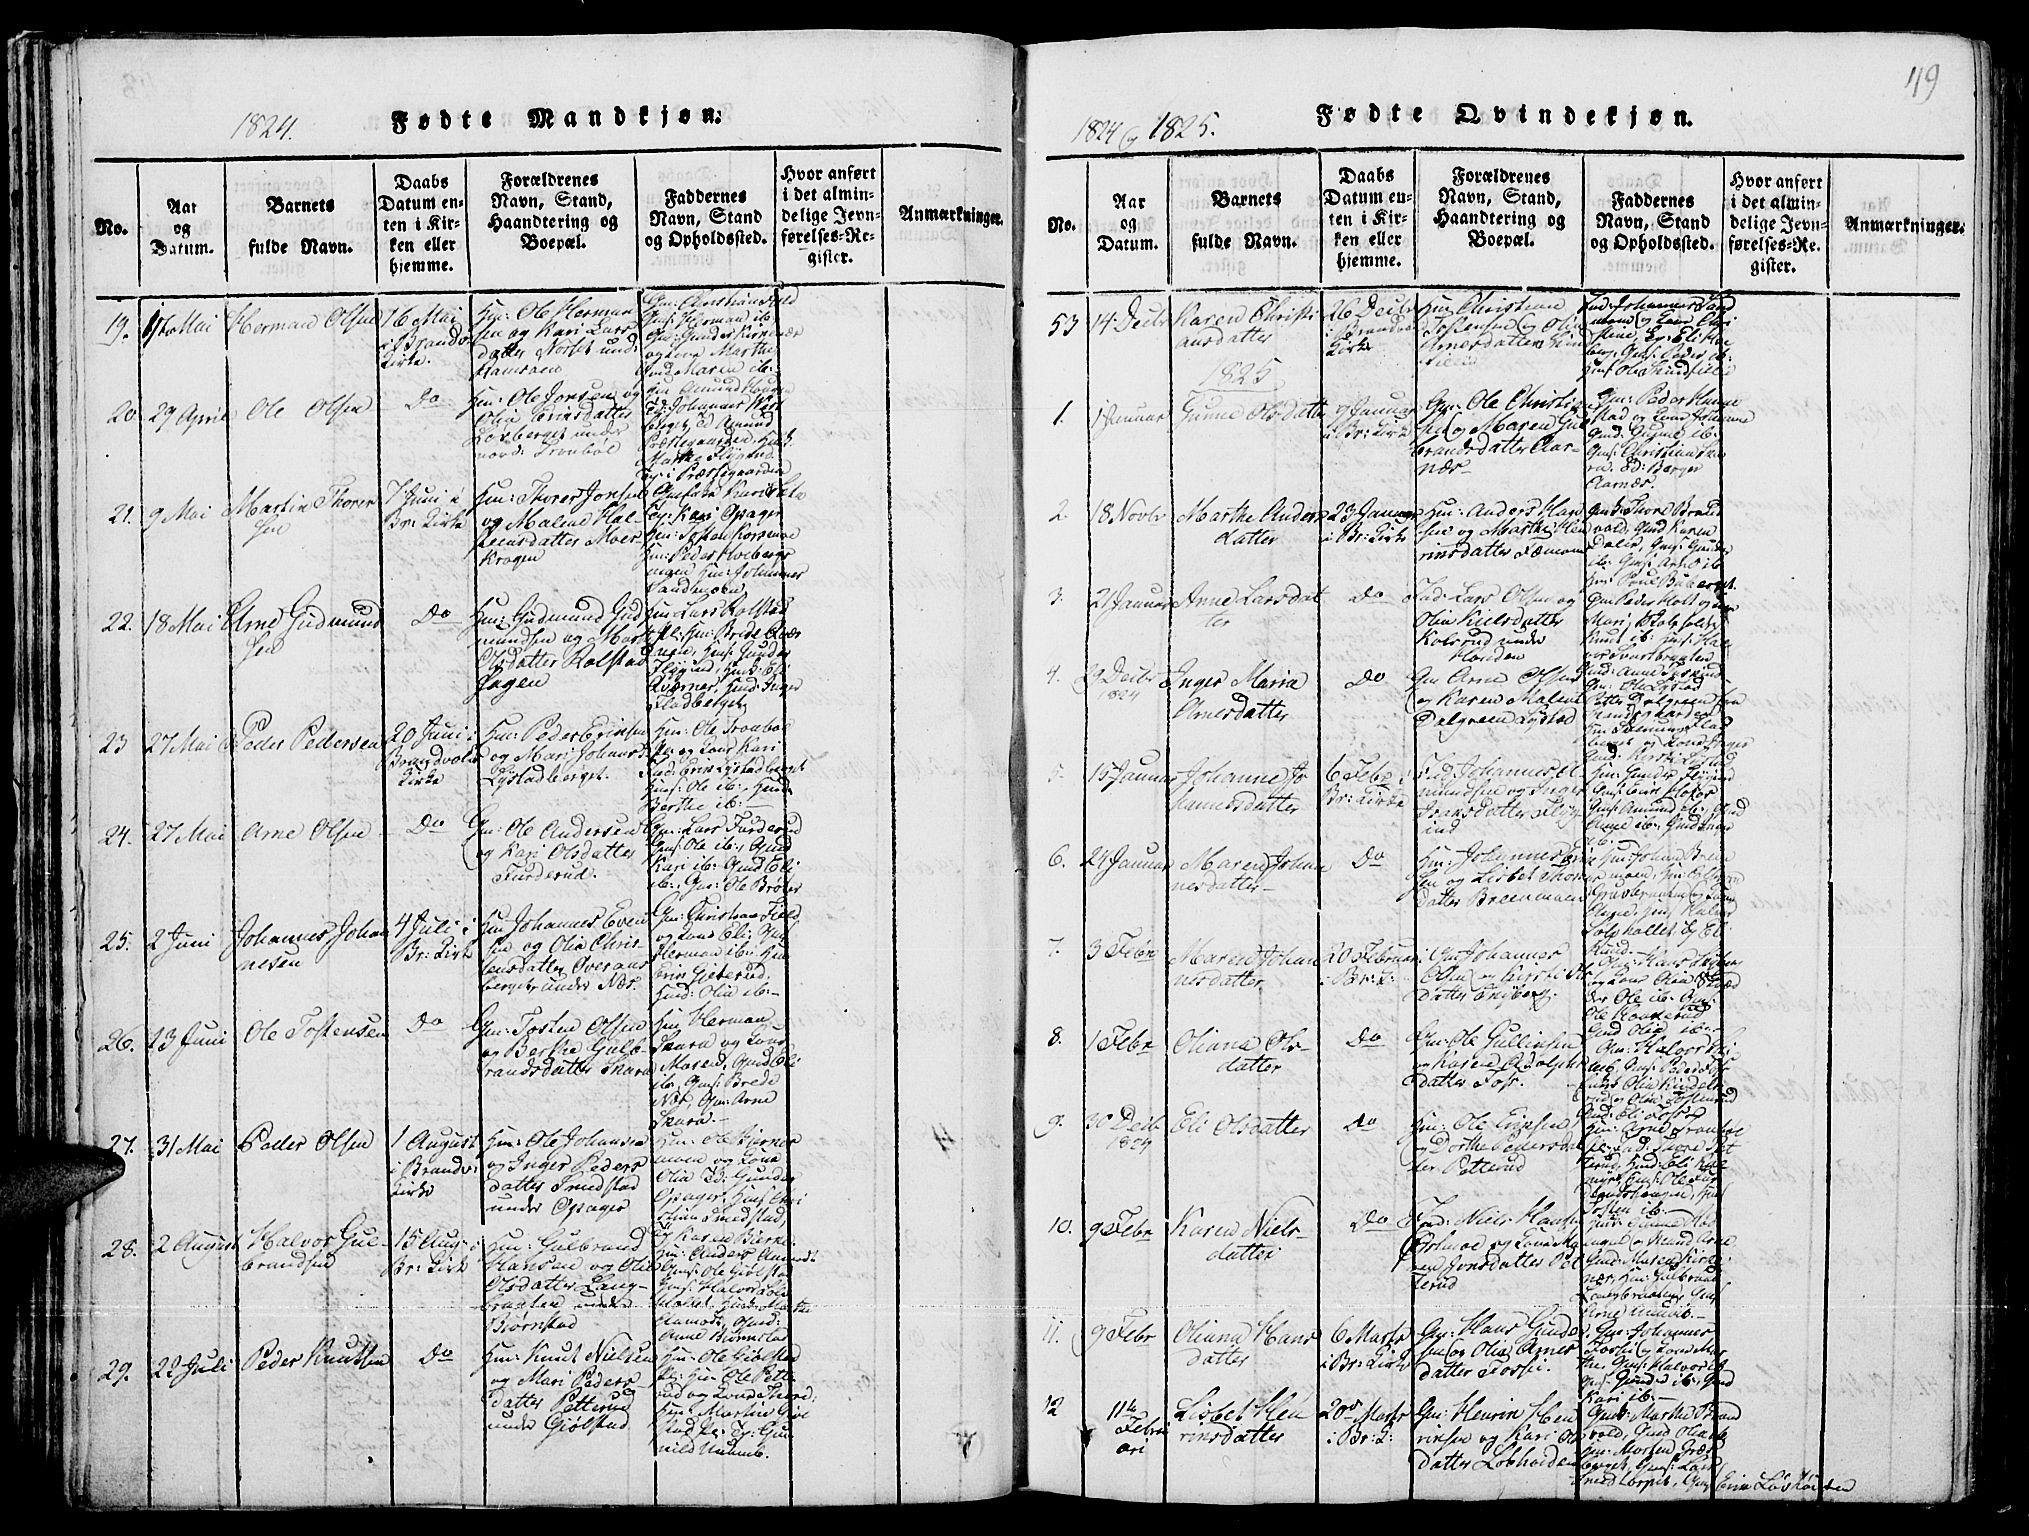 SAH, Grue prestekontor, Klokkerbok nr. 1, 1814-1841, s. 49